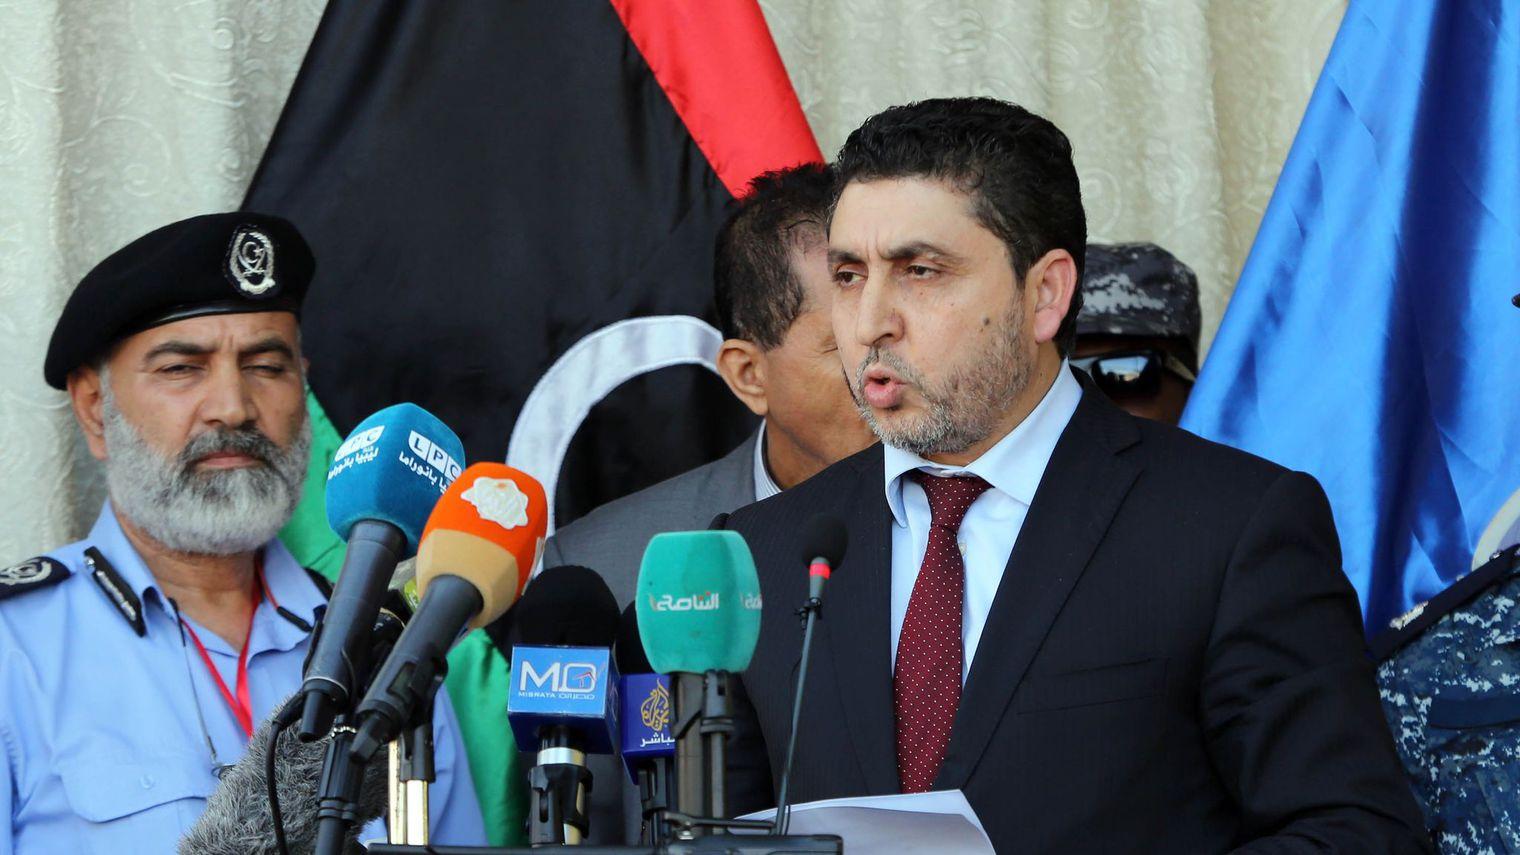 Le gouvernement libyen d'union à la peine malgré le soutien international